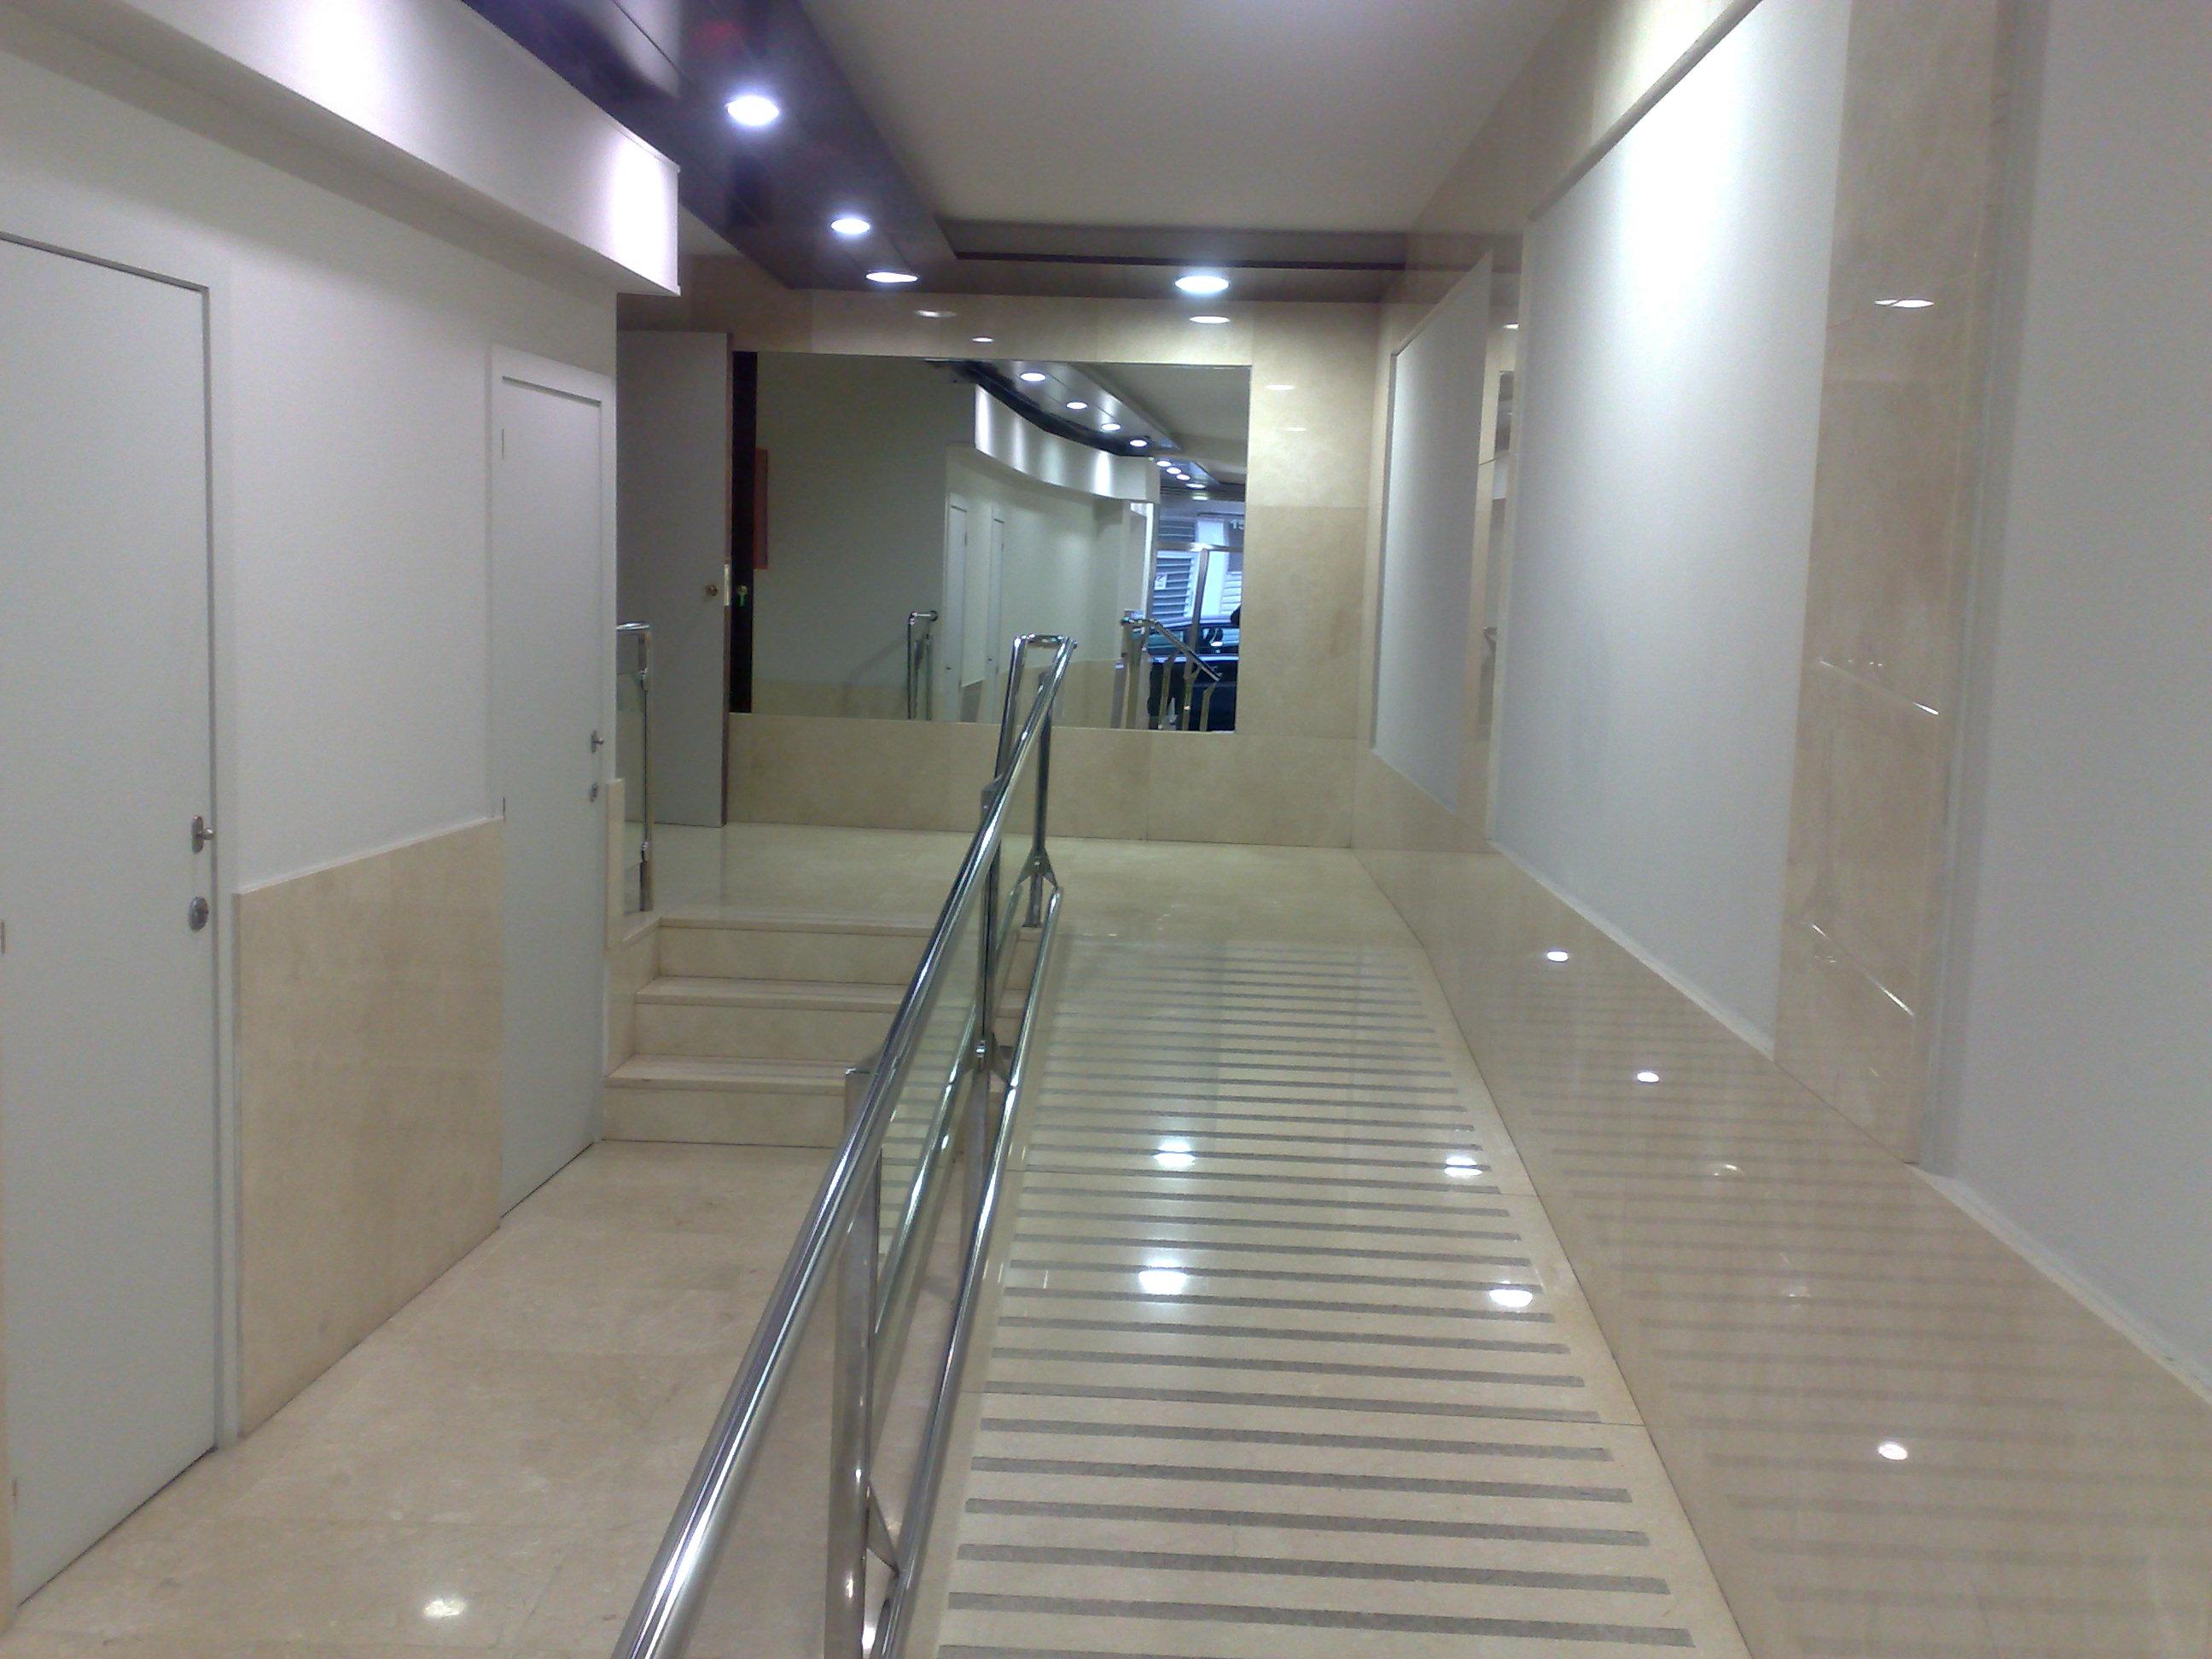 Detalle de la escalera finalizada